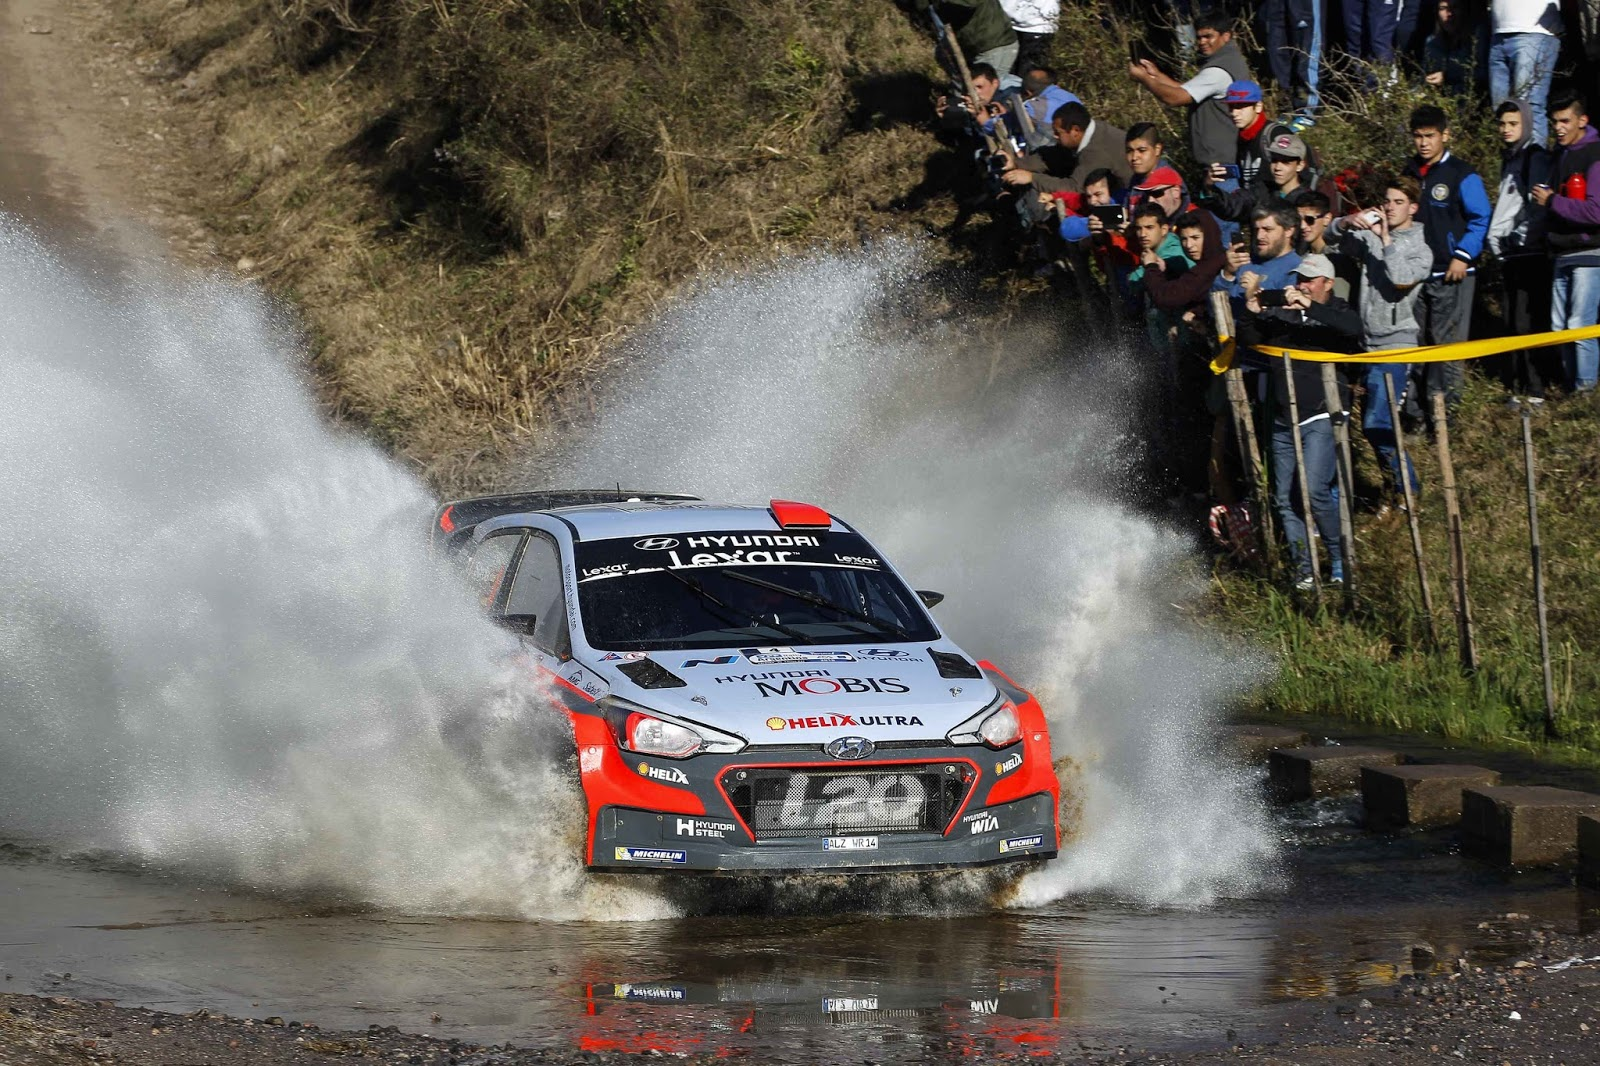 160425 WRC2BArgentina2BWinning252822529 Η Hyundai Motorsport τερματίζει πρώτη στο Ράλι Αργεντινής με το Νέας Γενιάς i20 WRC Hyundai, Hyundai i20 WRC, Motorsport, Rally, videos, WRC